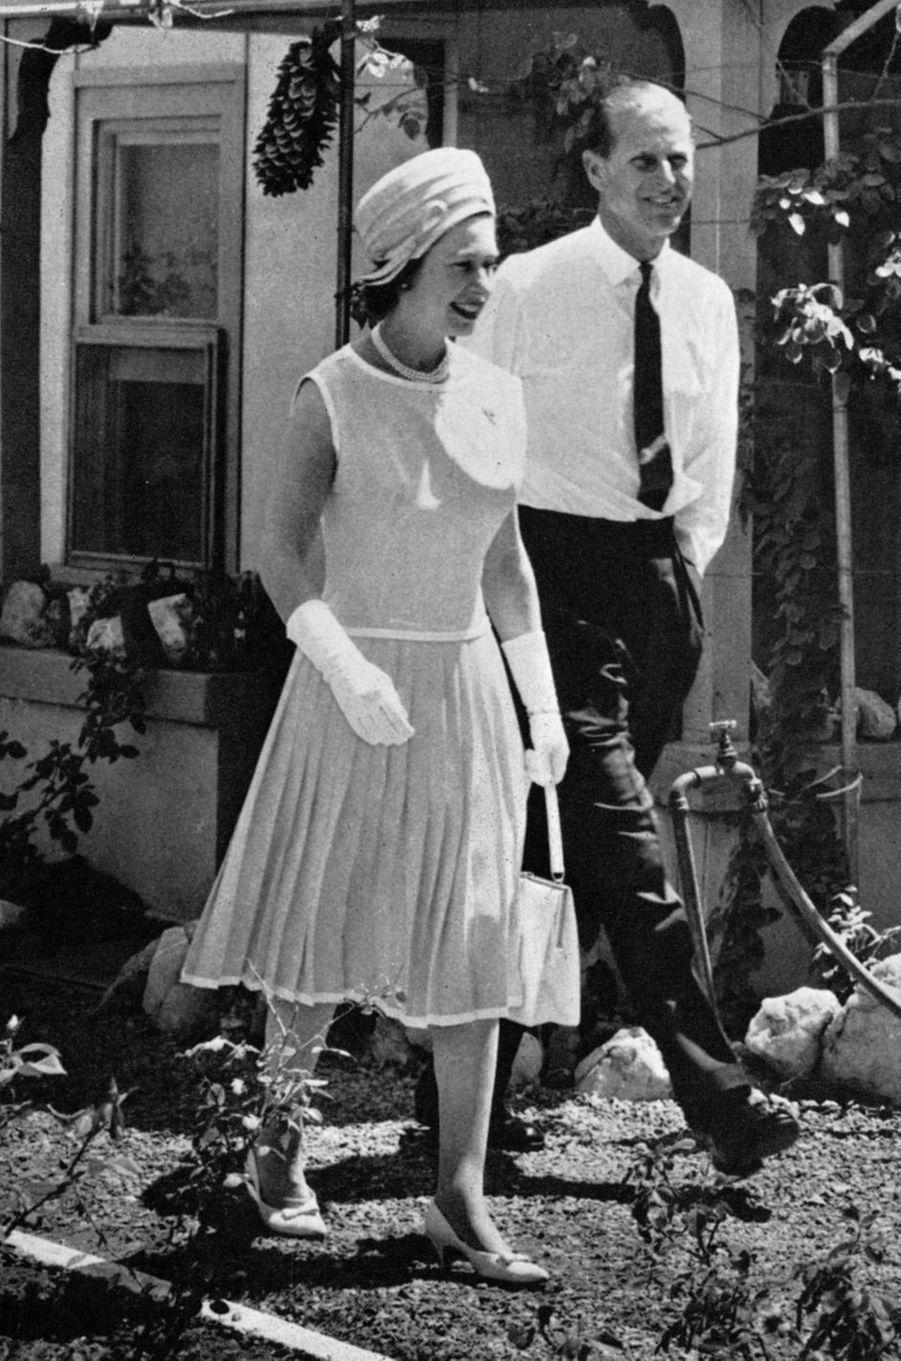 La reine Elizabeth II et le prince Philip, en 1963